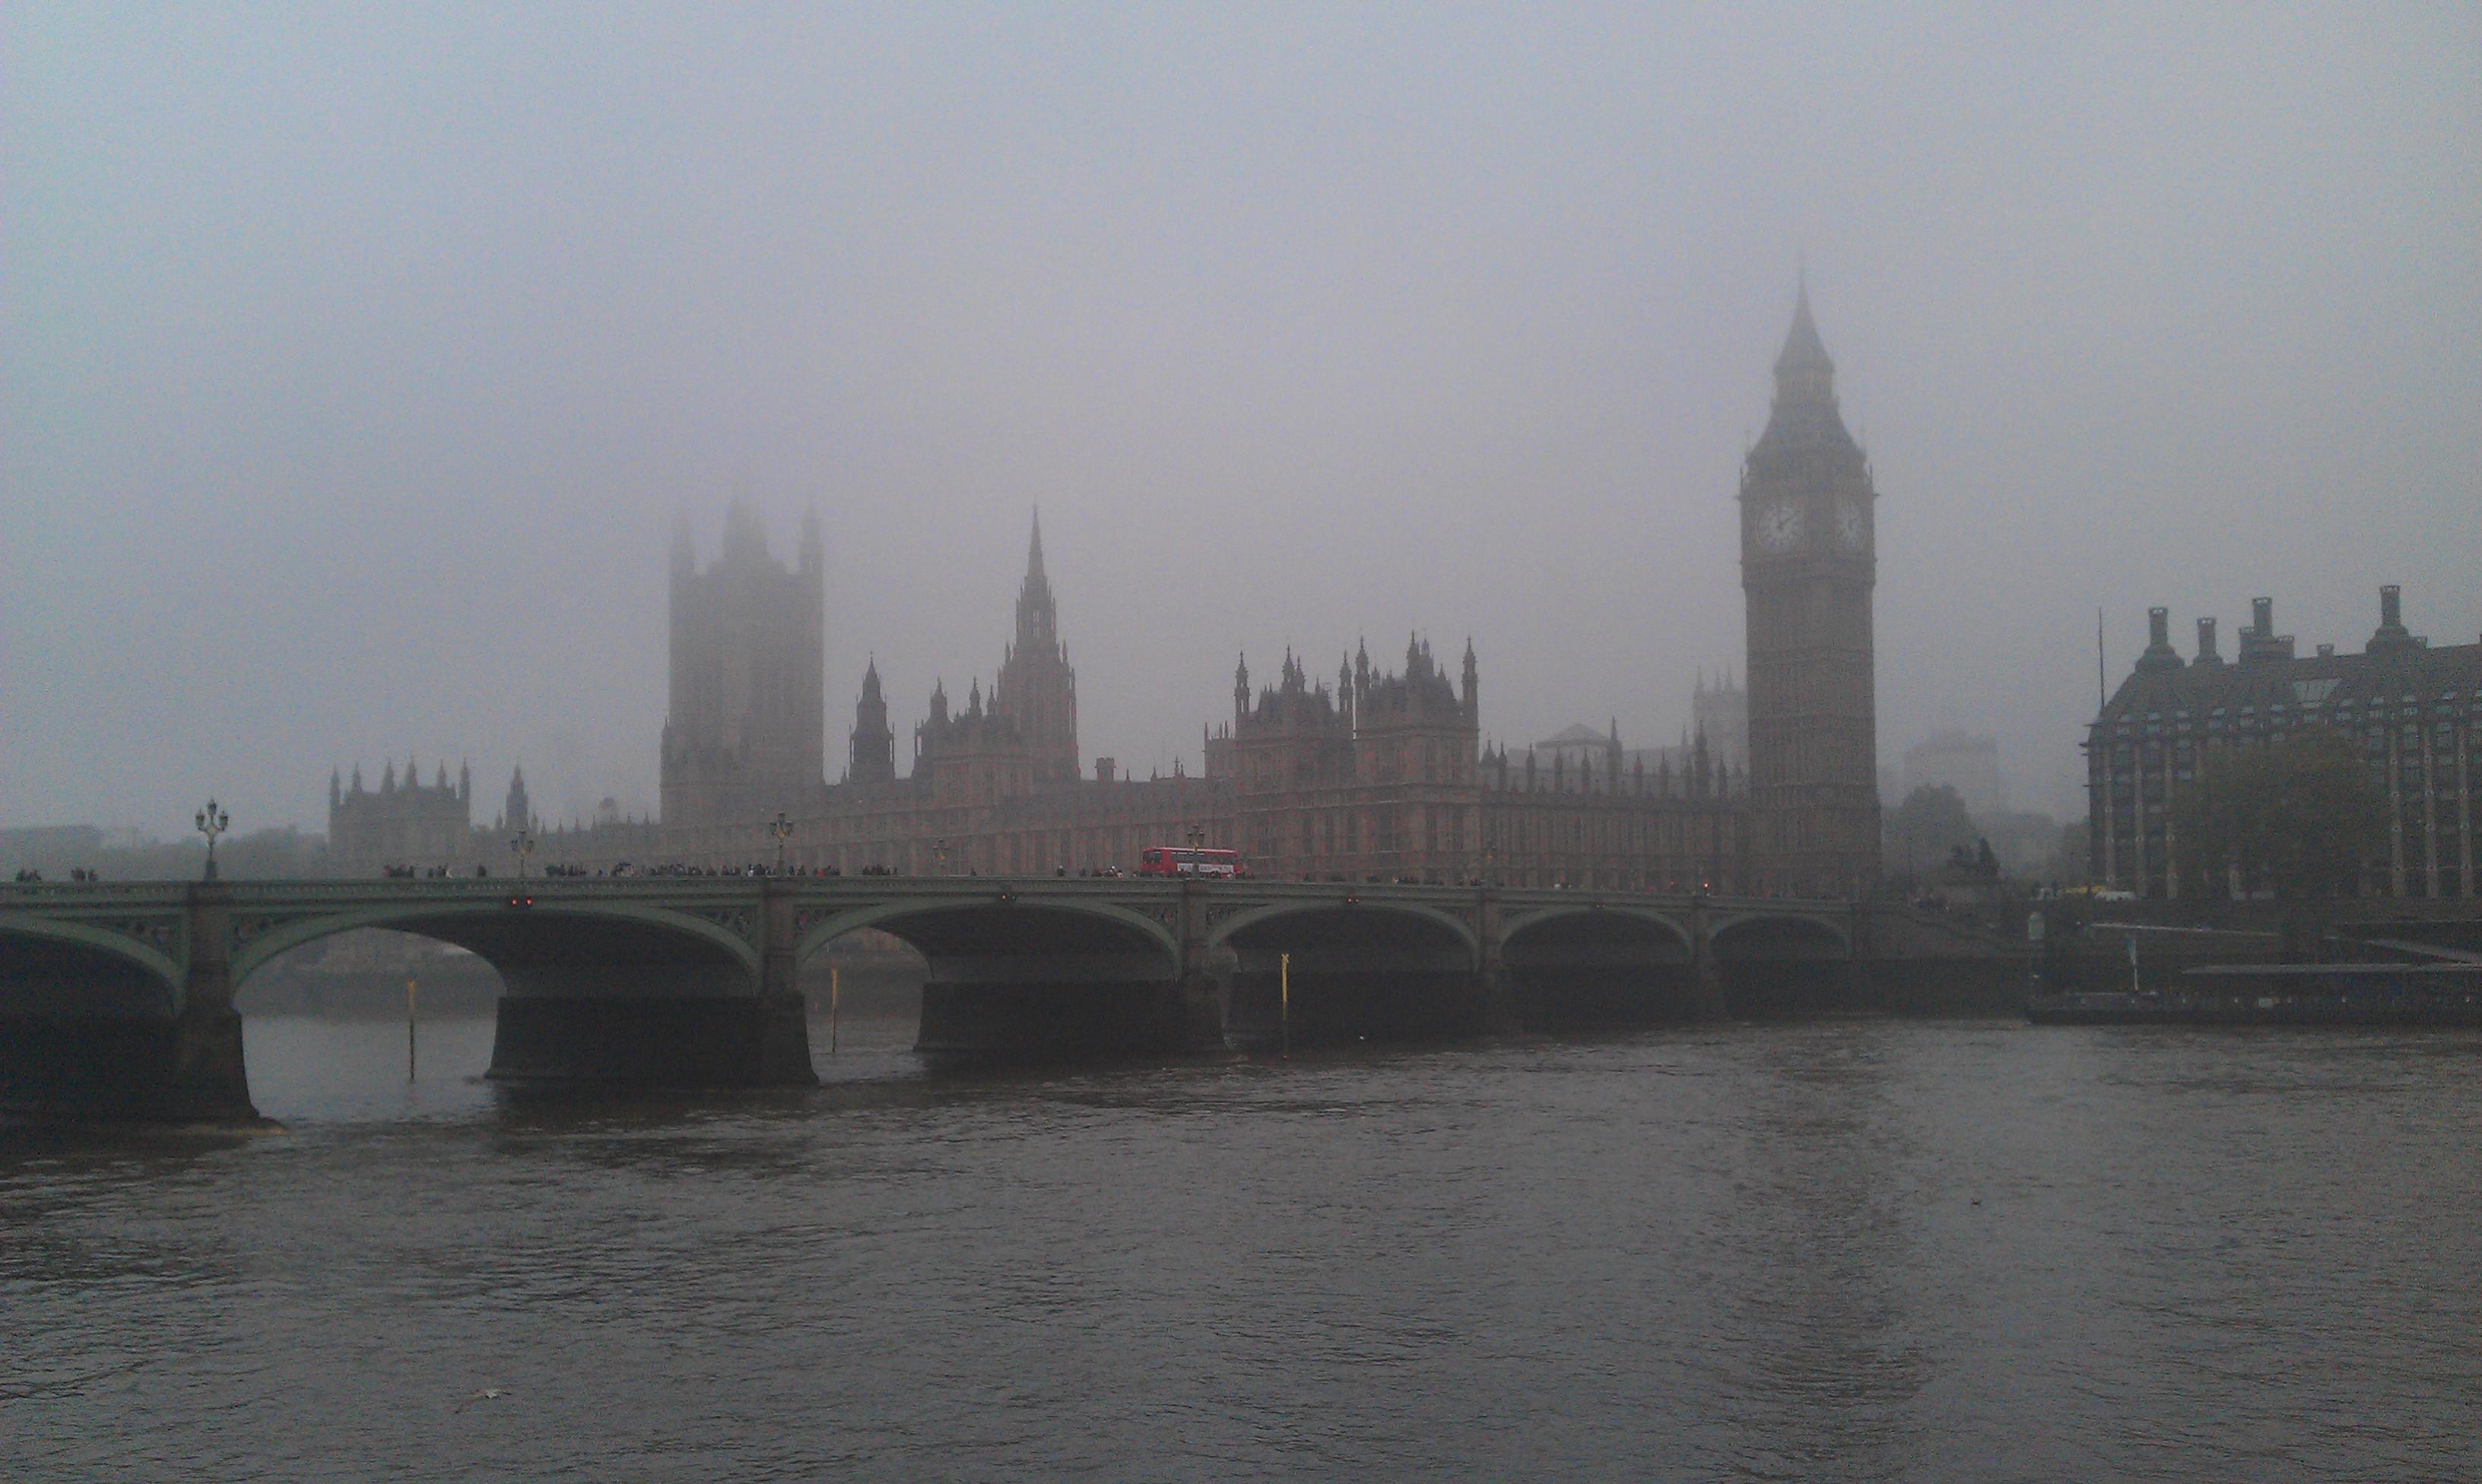 Вборьбе за чистый воздух, правительство Великобритании может запретить автомобили набензине идизельном топливе.